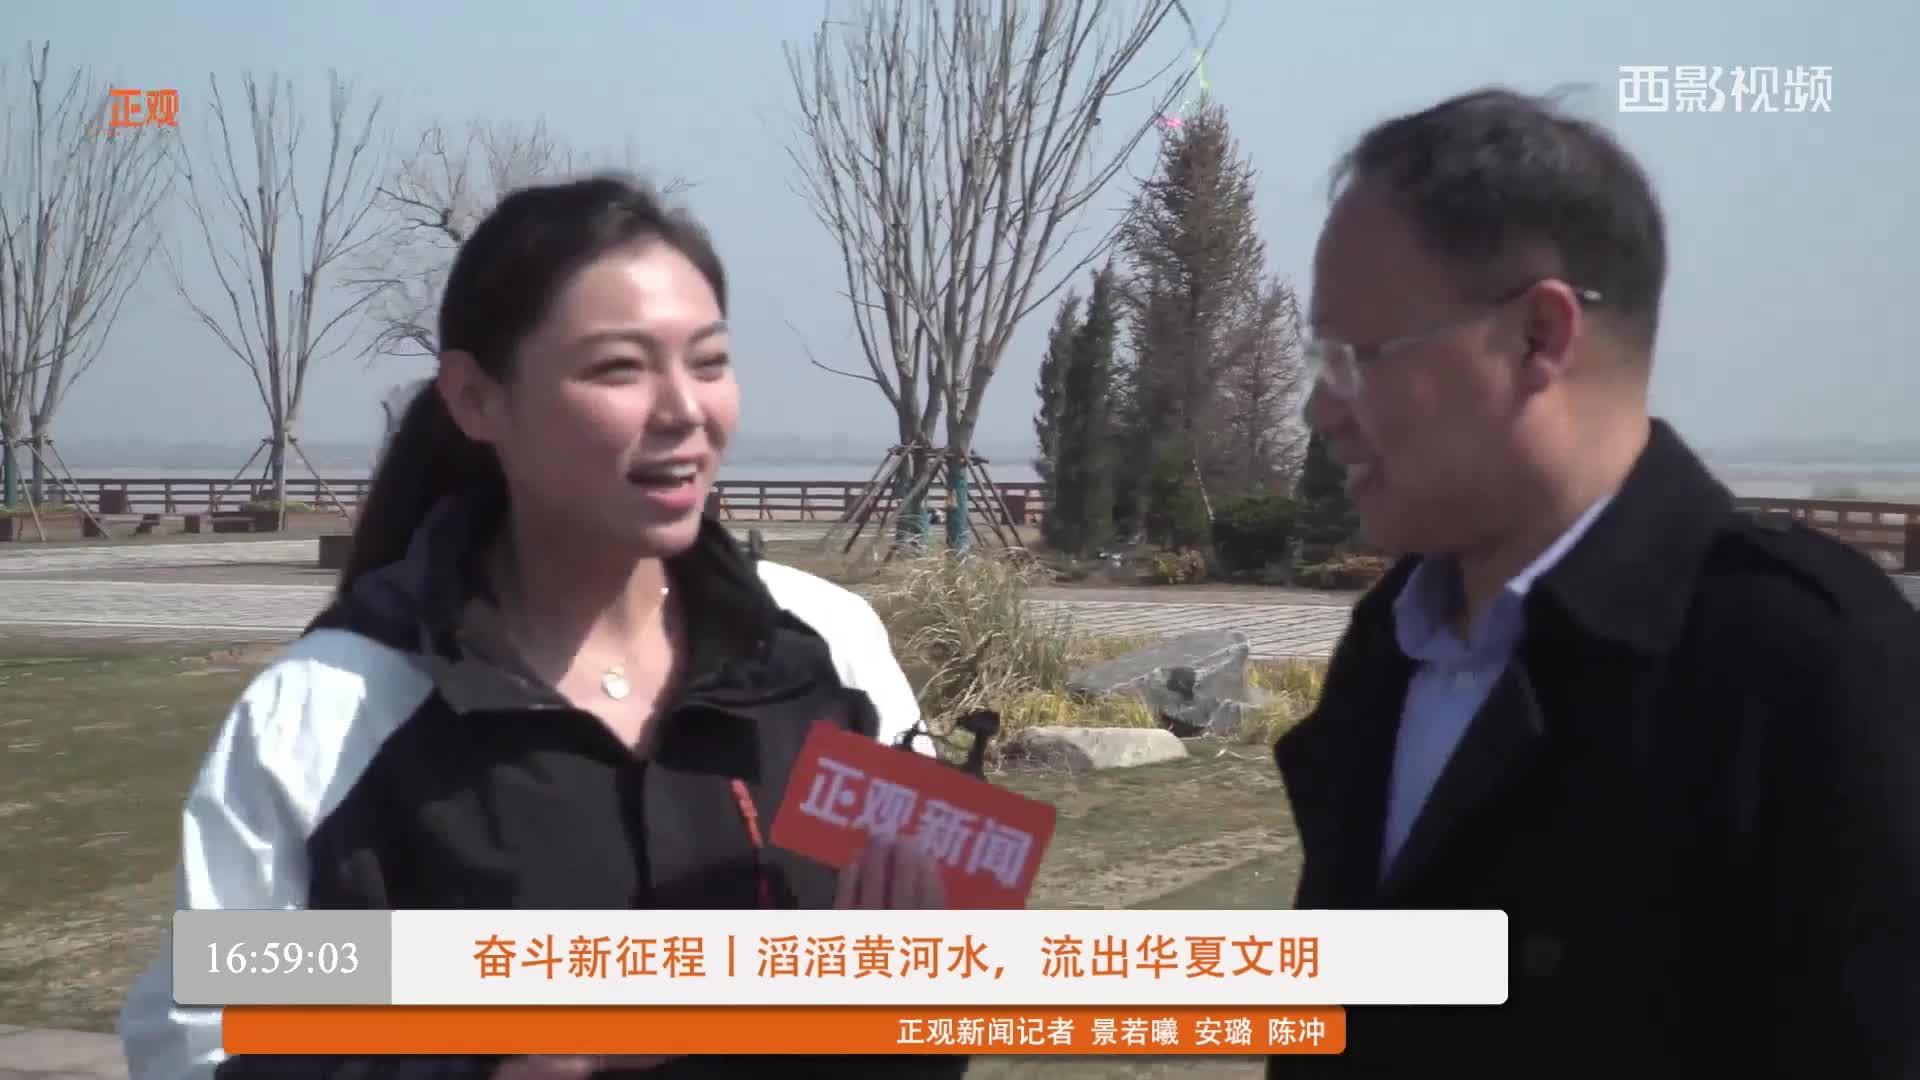 踏春好去处 带你游览郑州黄河湿地公园